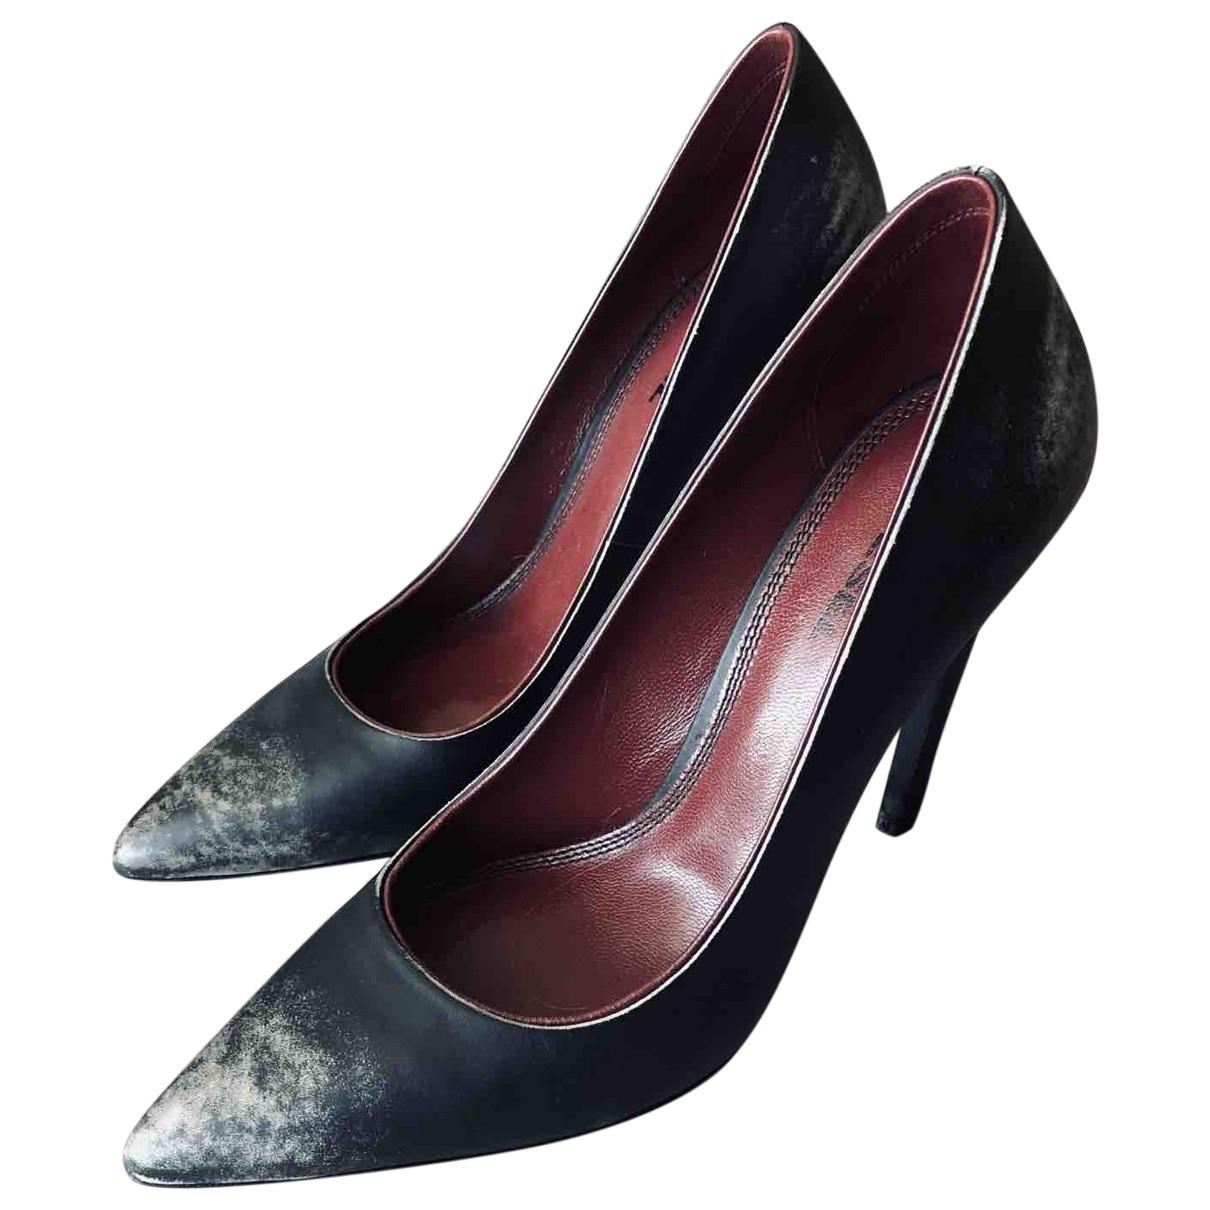 Diesel - Escarpins   pour femme en cuir - noir